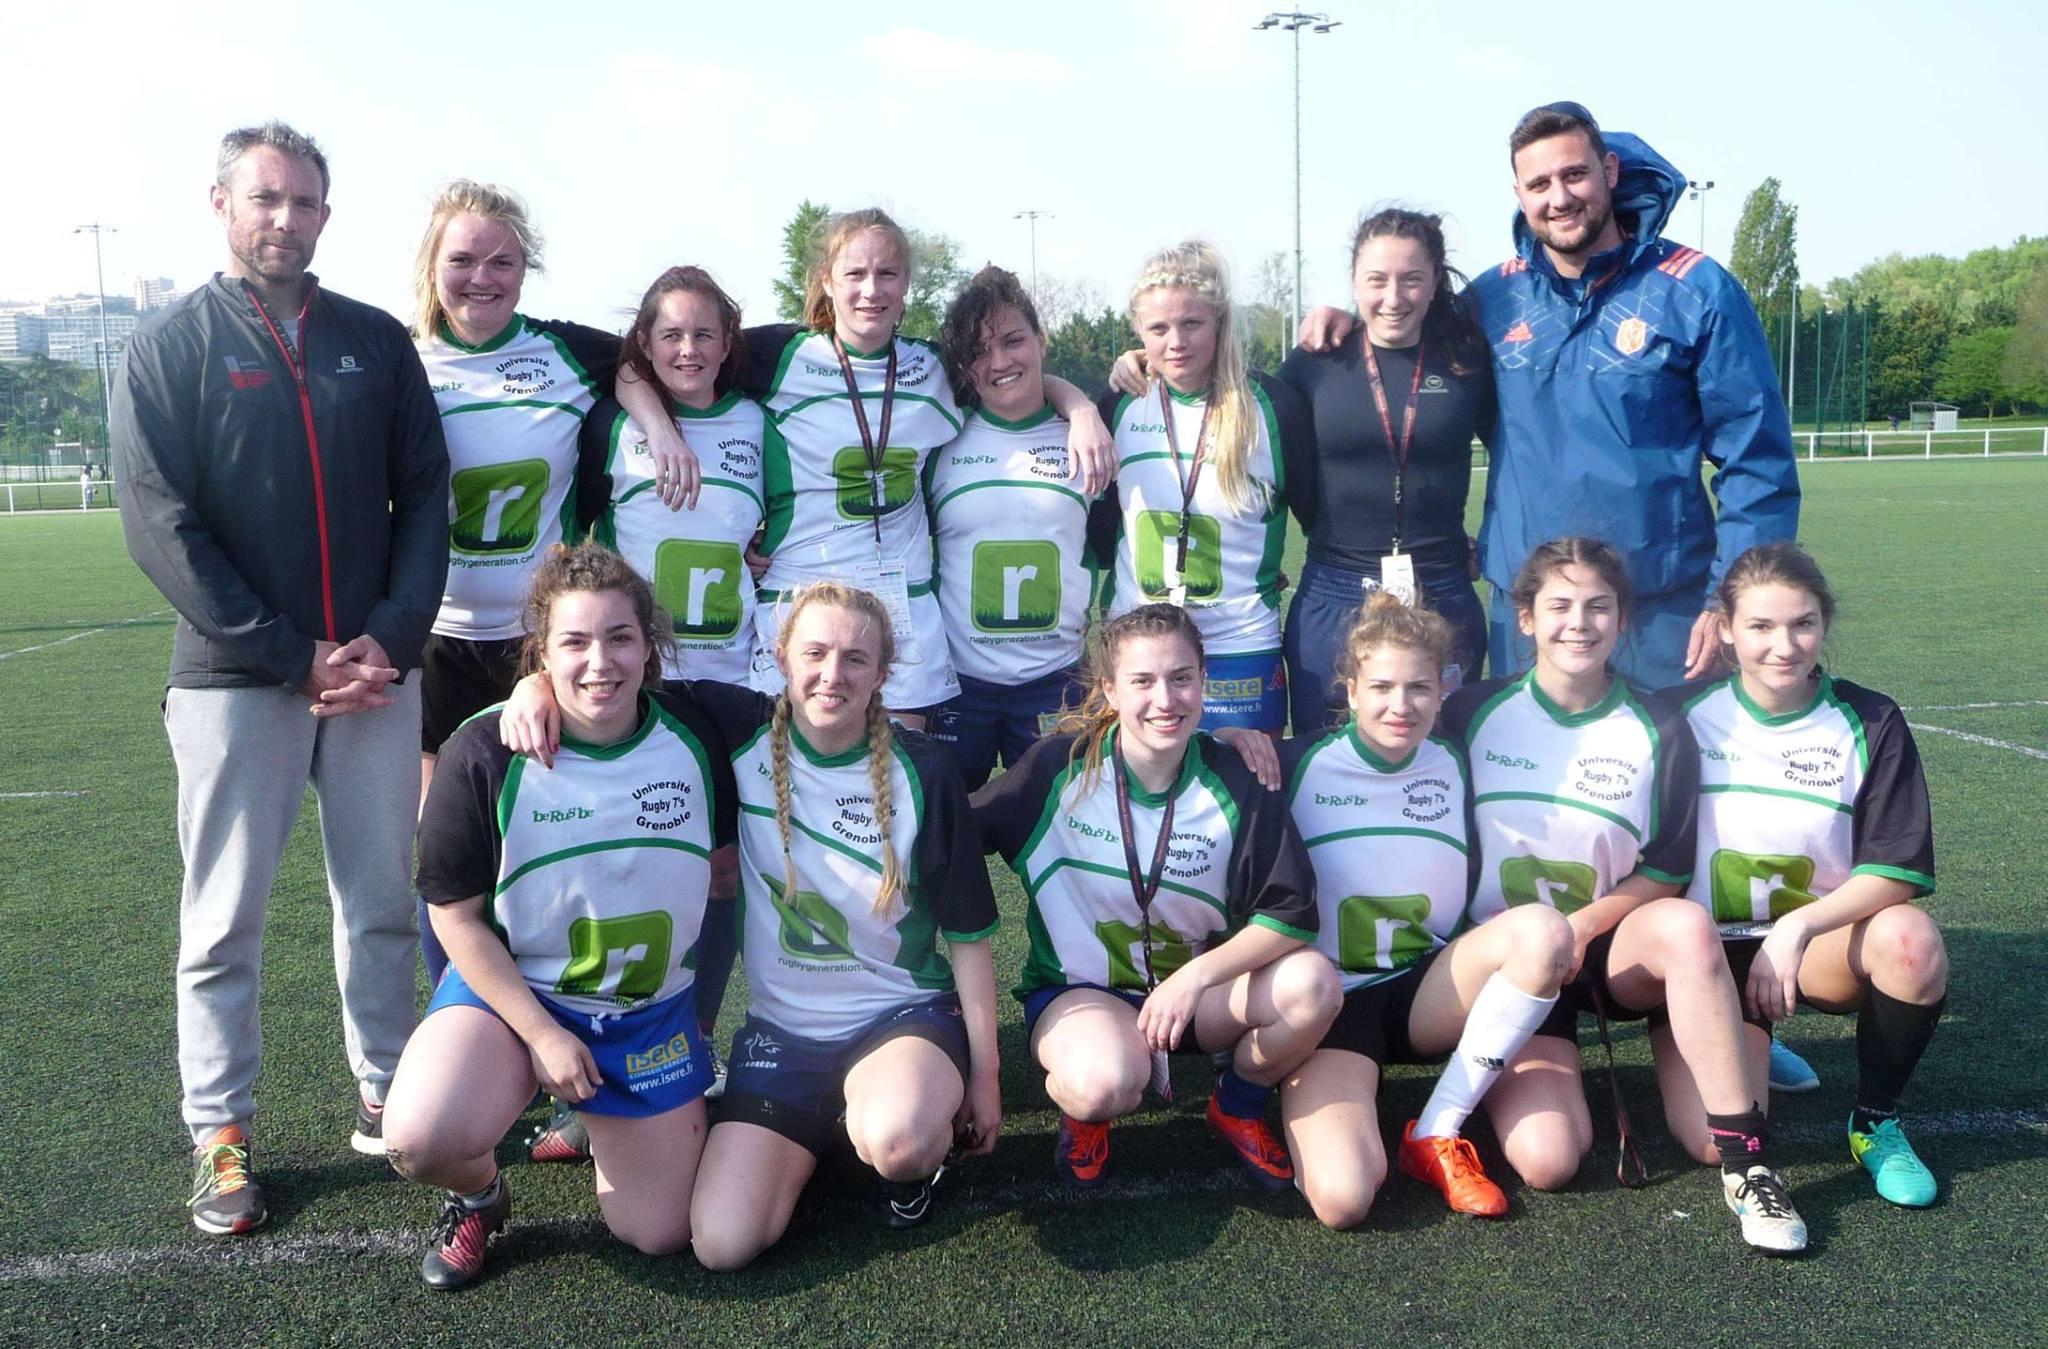 L'équipe féminine de rugby de l'Université Grenoble Alpes au tournoi Ovalyonne